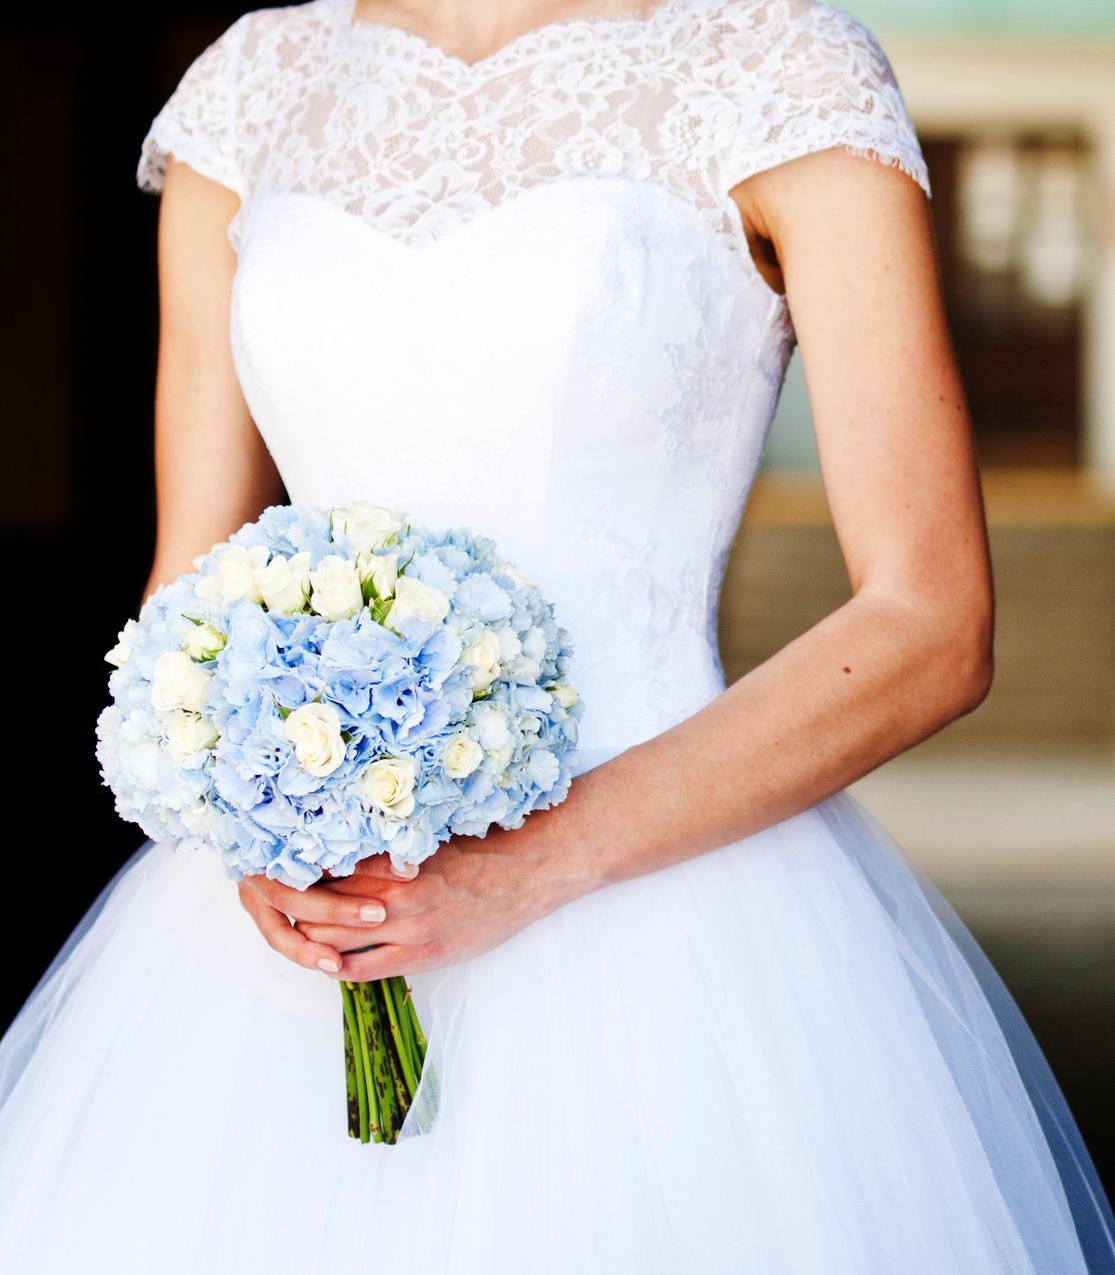 Masywnie 5 sposobów na COŚ NIEBIESKIEGO szpilki torebka suknia ślubna - Vumag JY53